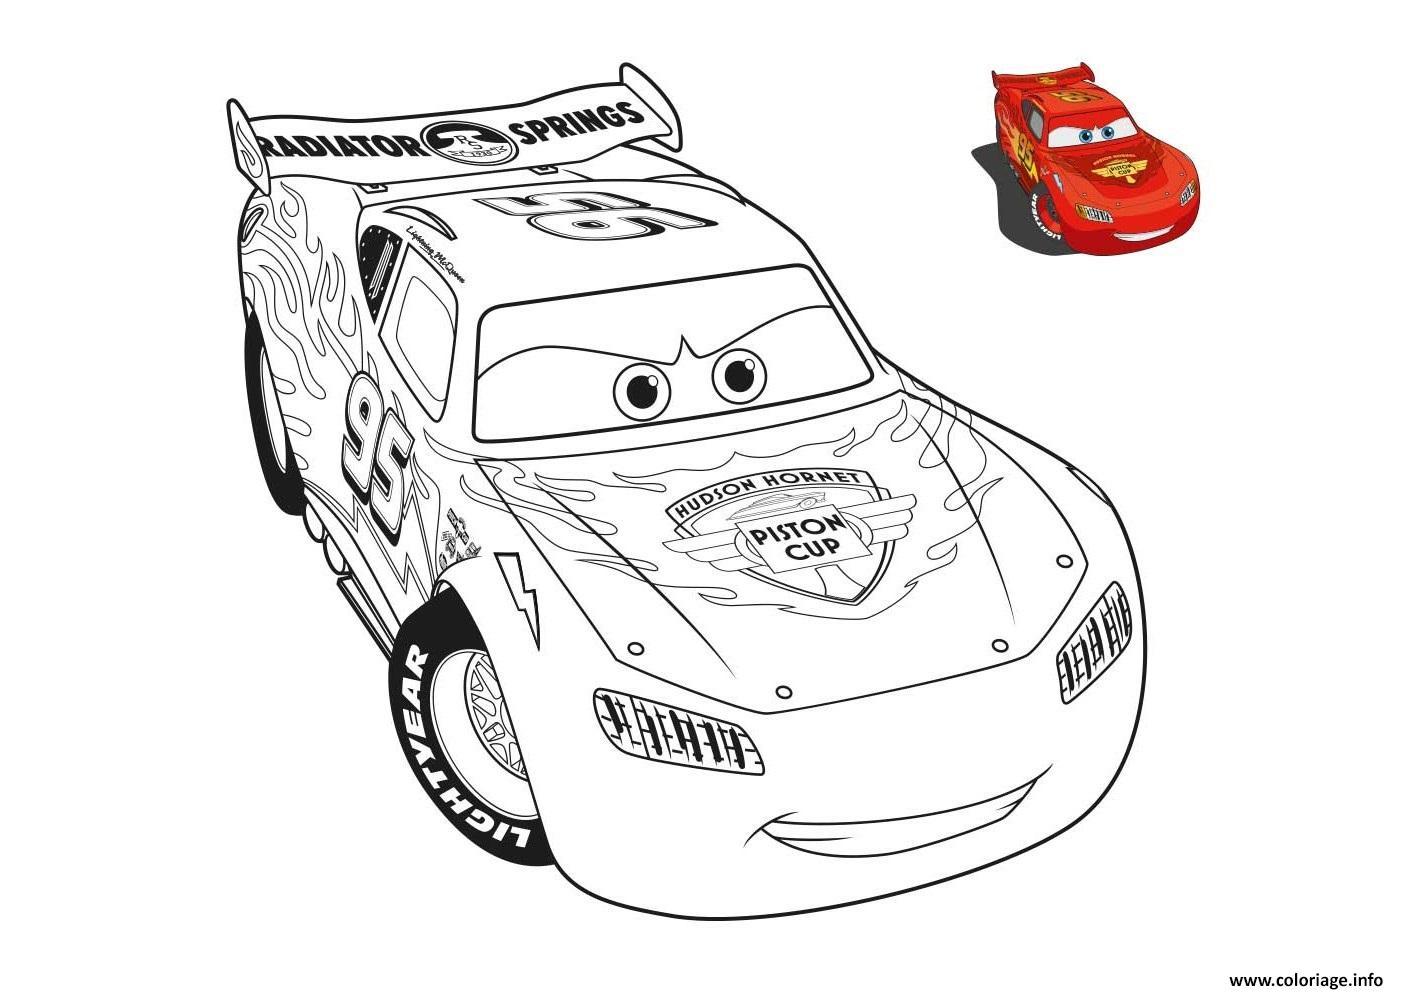 Coloriage cars 2 voiture de course dessin - Dessiner voiture de course ...